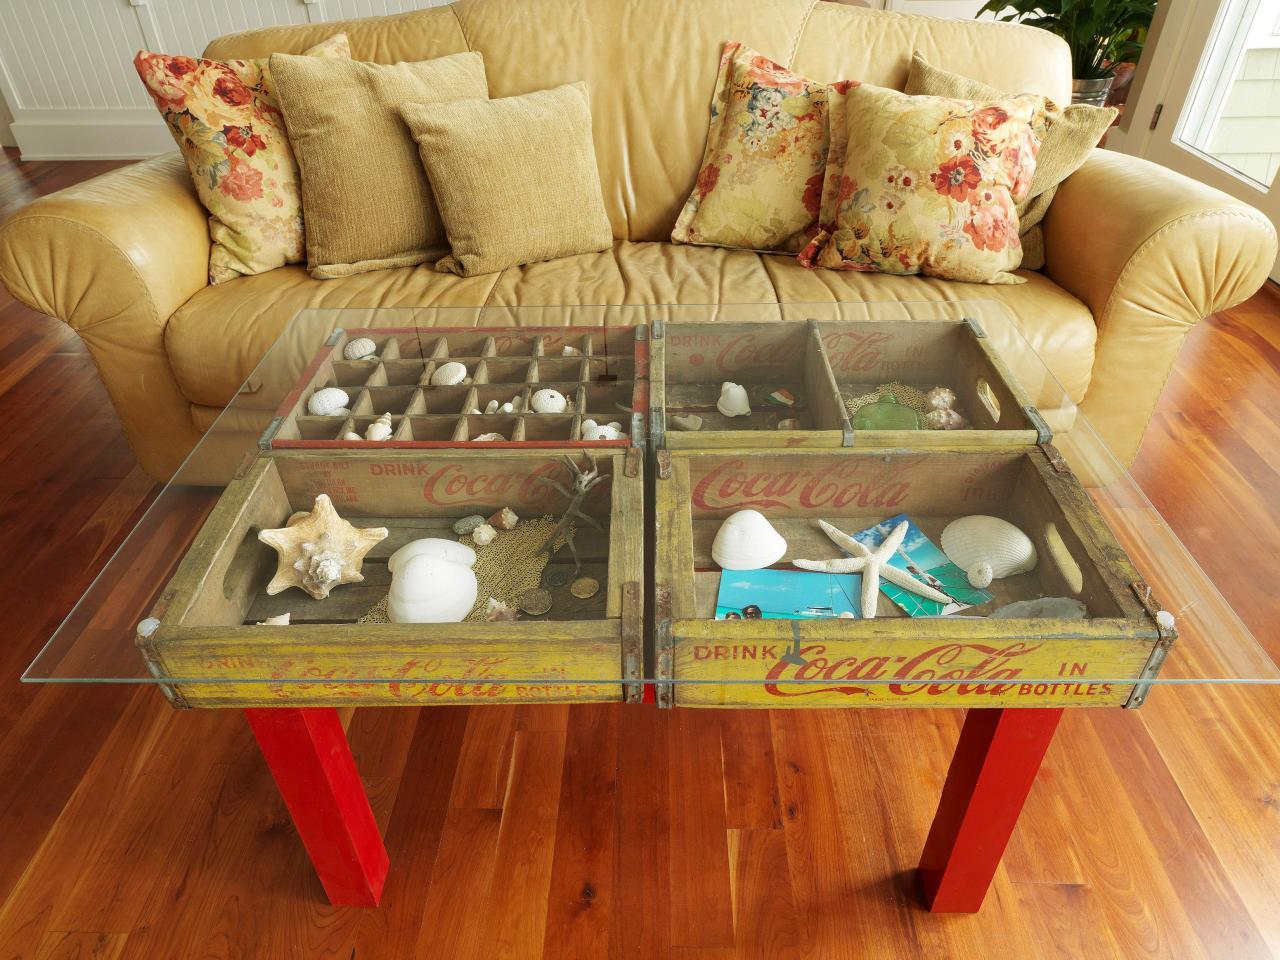 ideas de decoracin cmo reciclar muebles viejos para darle un toque uvintageu a tu casa